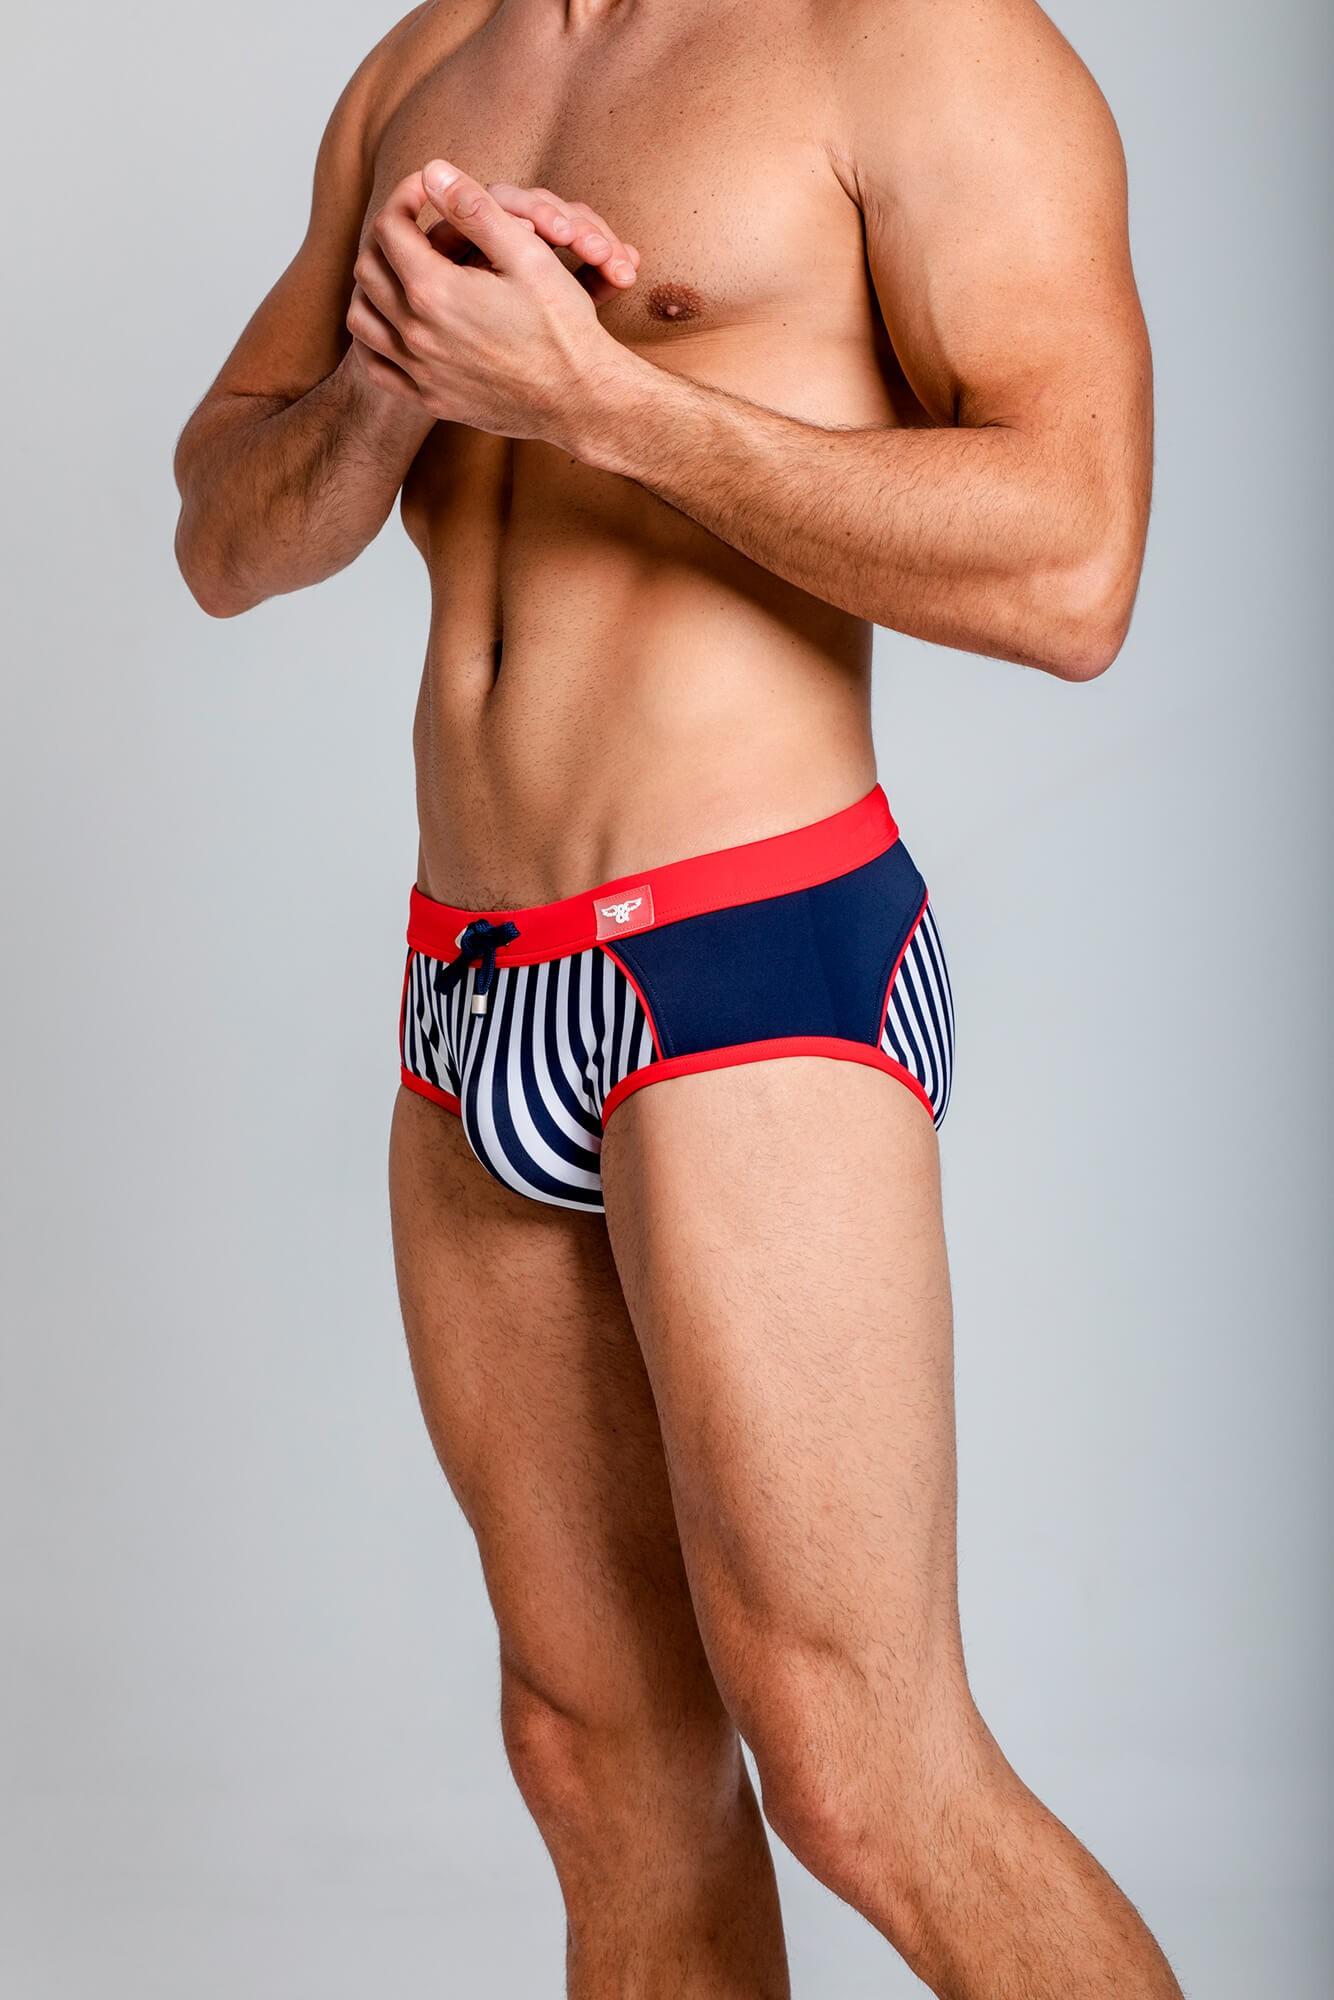 BañadorSailor Yoke Swim Brief para hombre. Estilo urbano de la marca ELIU streetwear.